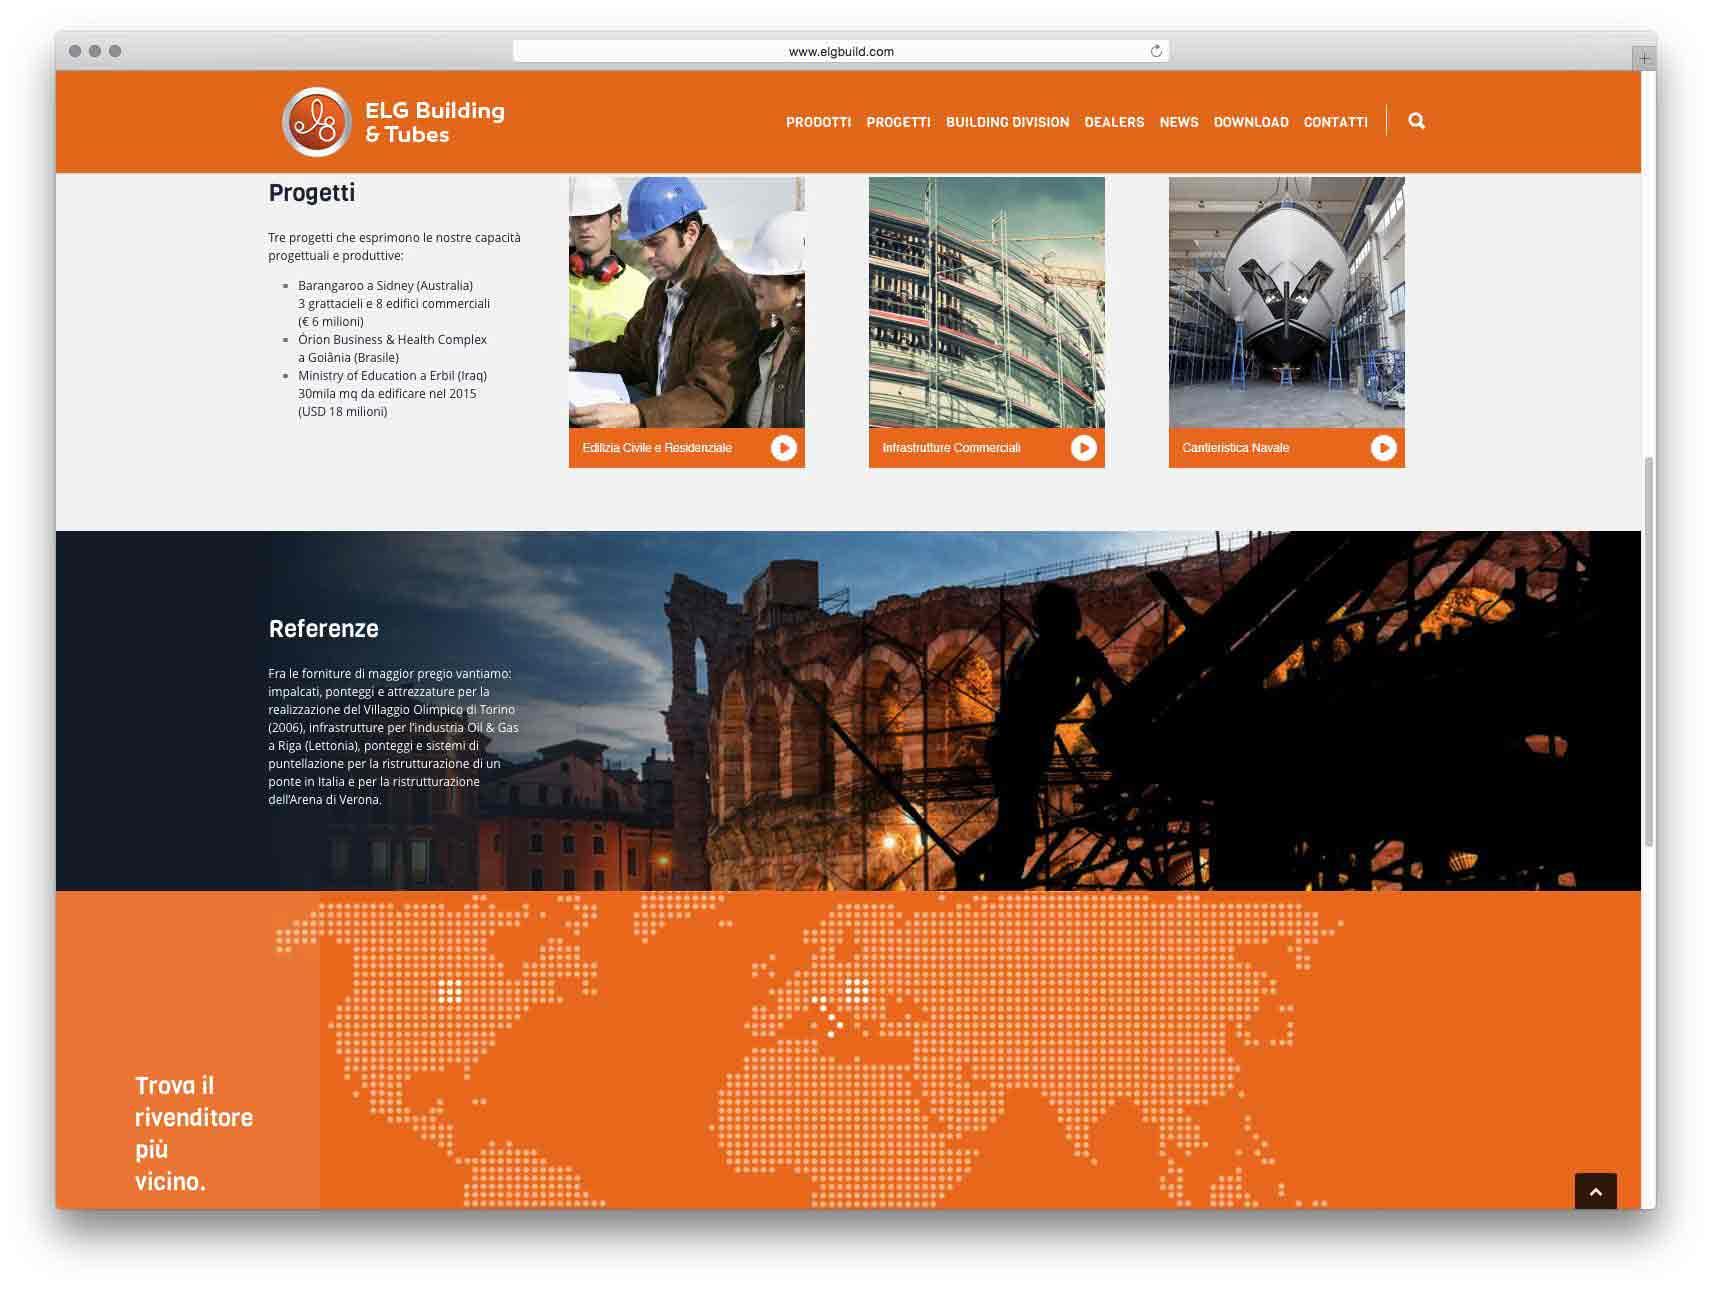 creazione siti web brescia - sito web elg building